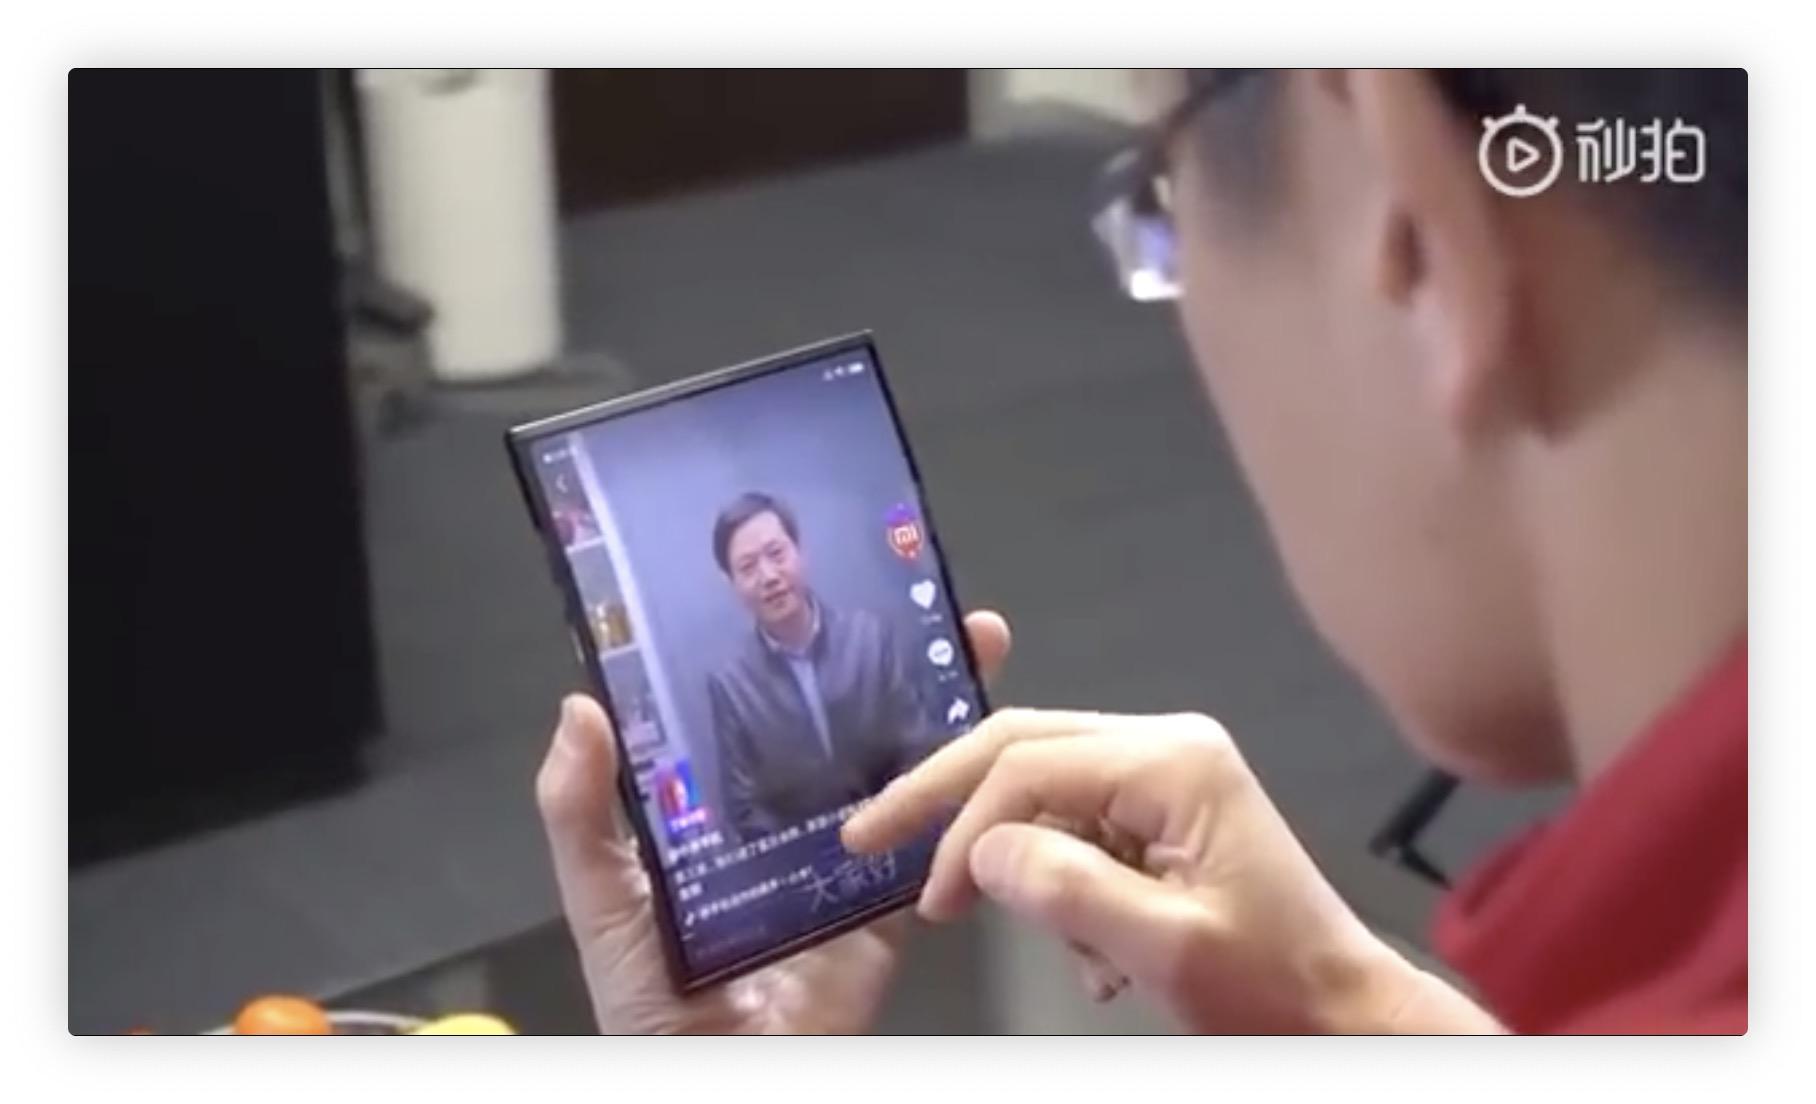 Le smartphone pliable version Xiaomi : 3 volets et un design plutôt réussi (video) 1